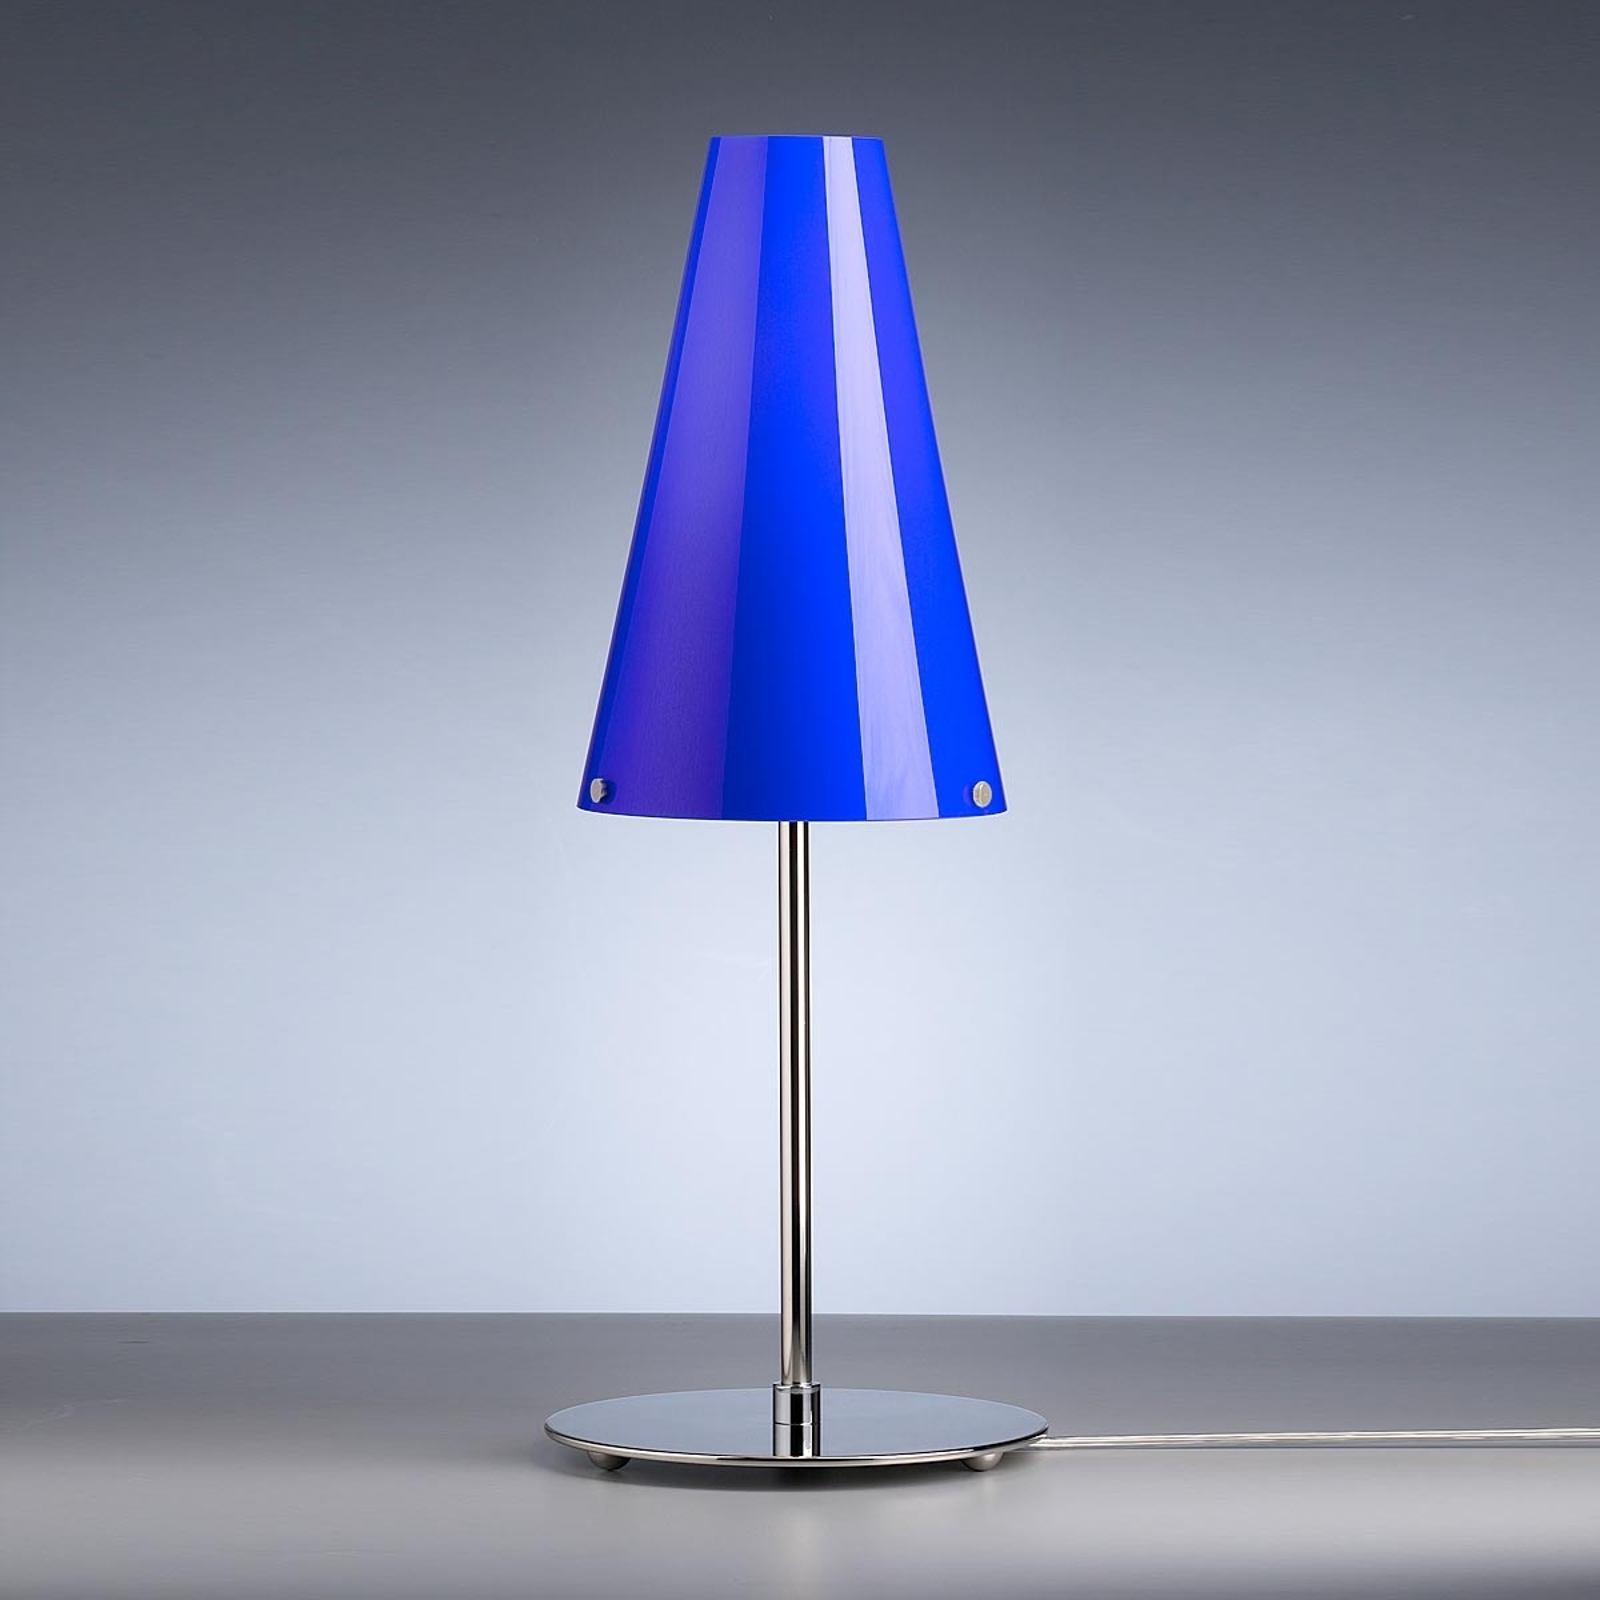 Tafellamp van Walter Schnepel, blauw